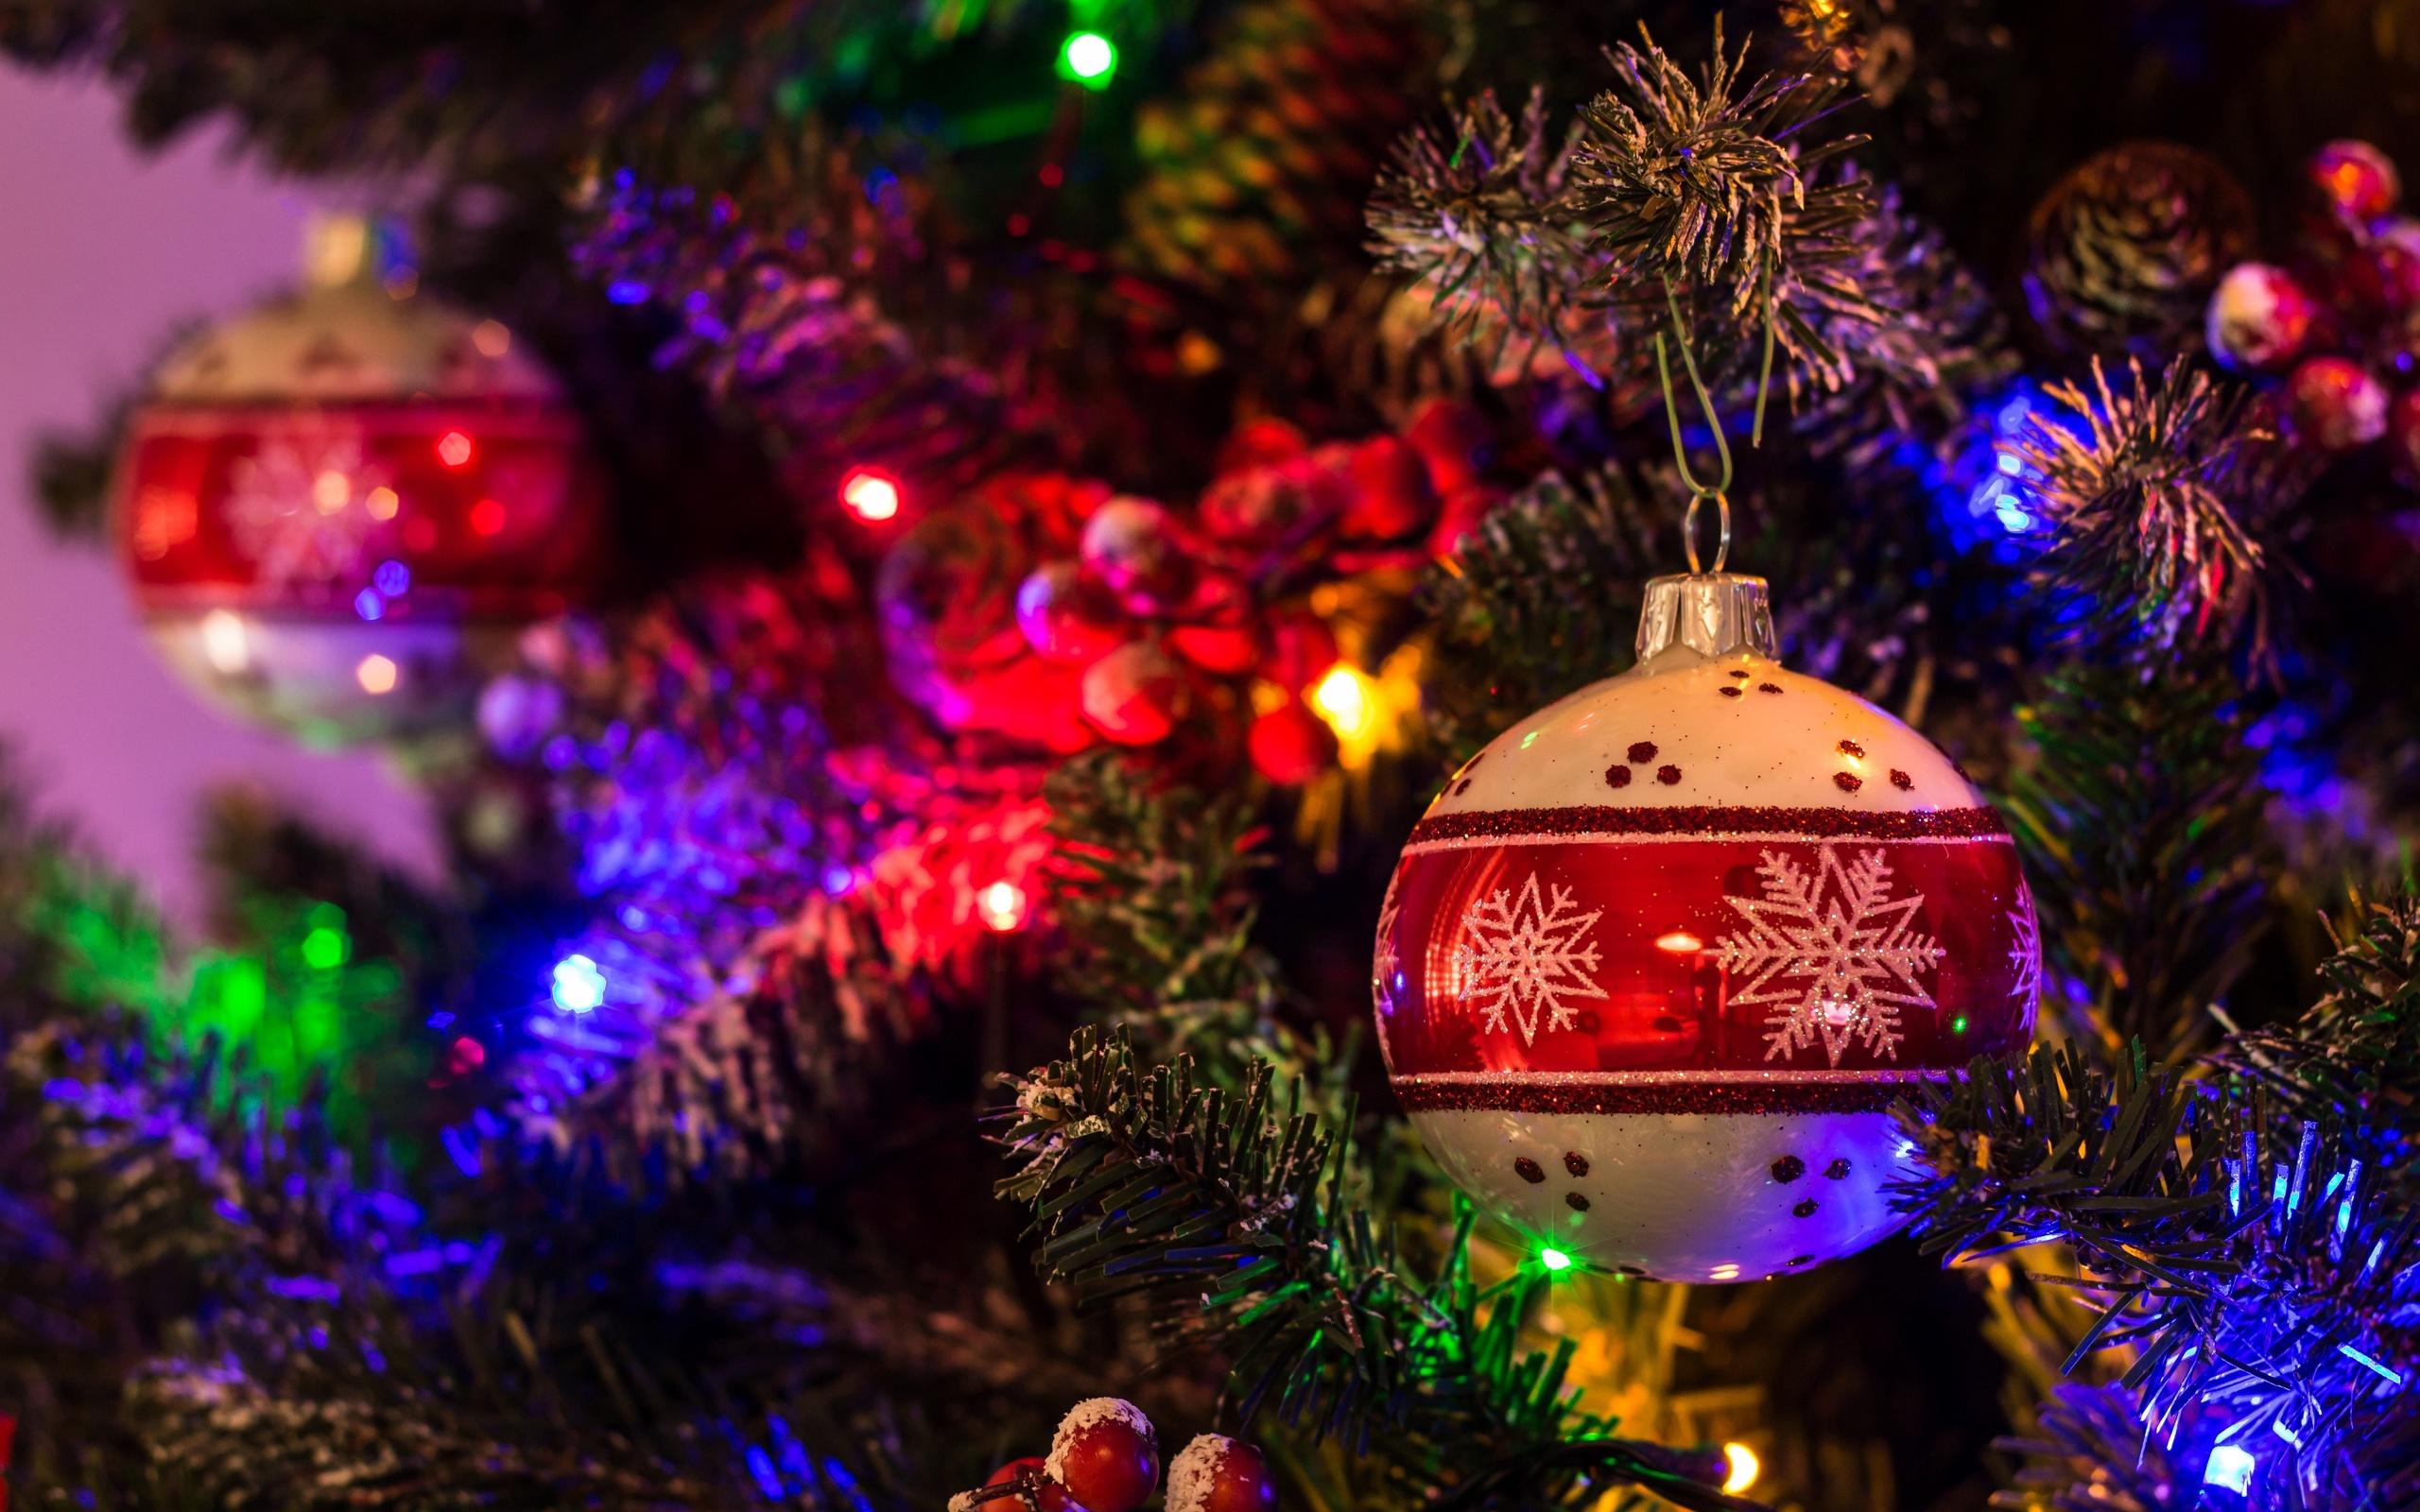 другое картинки елок на новый год 2019 собами